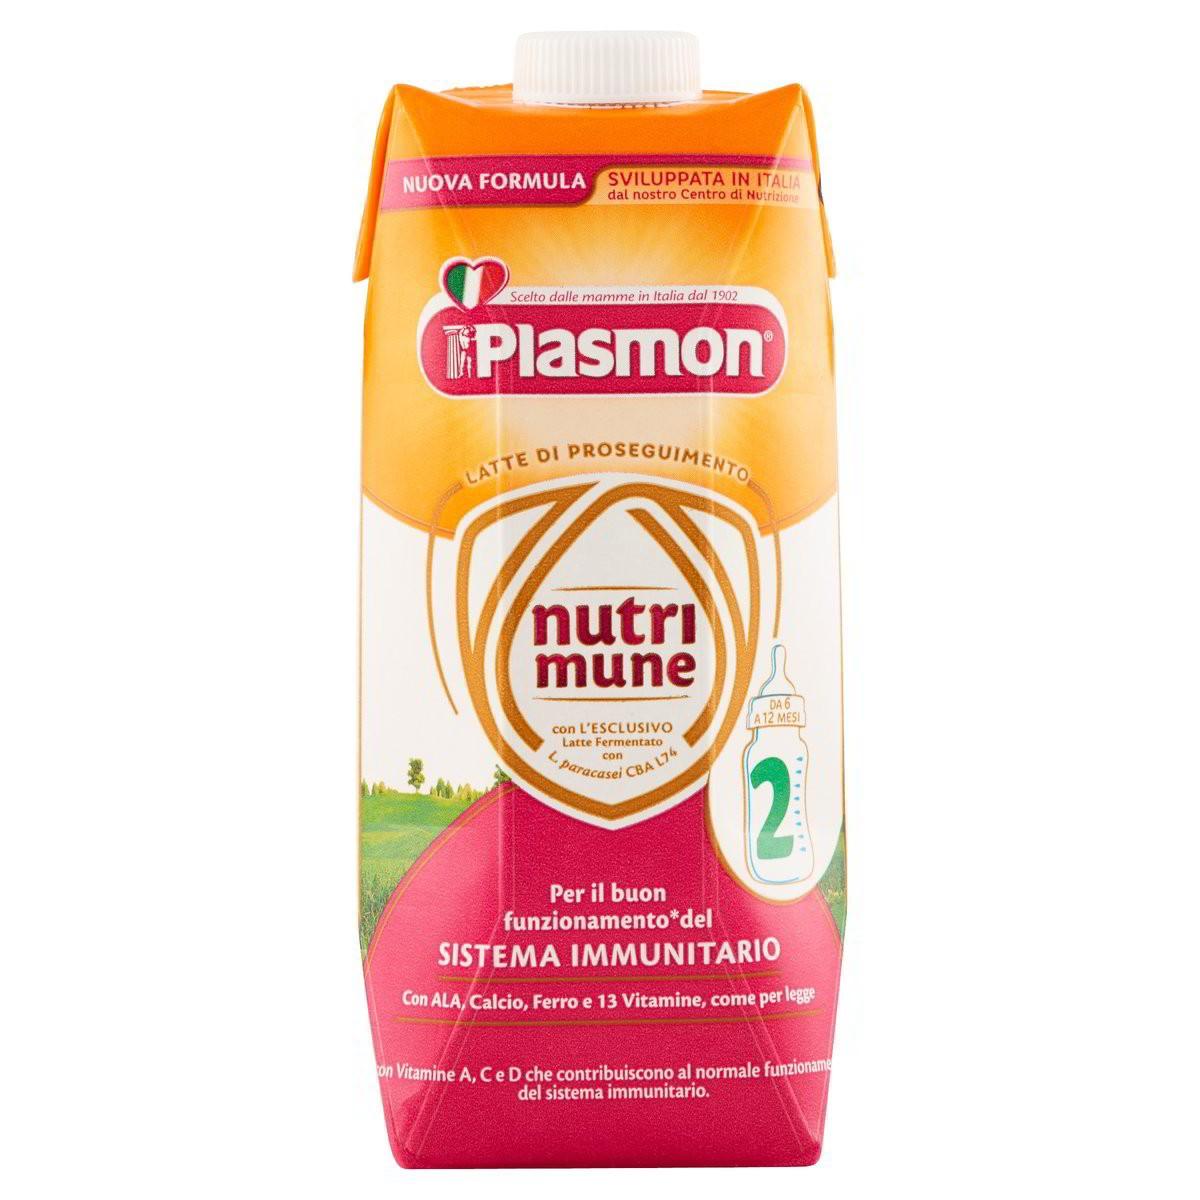 Plasmon Latte liquido Nutrimune 2